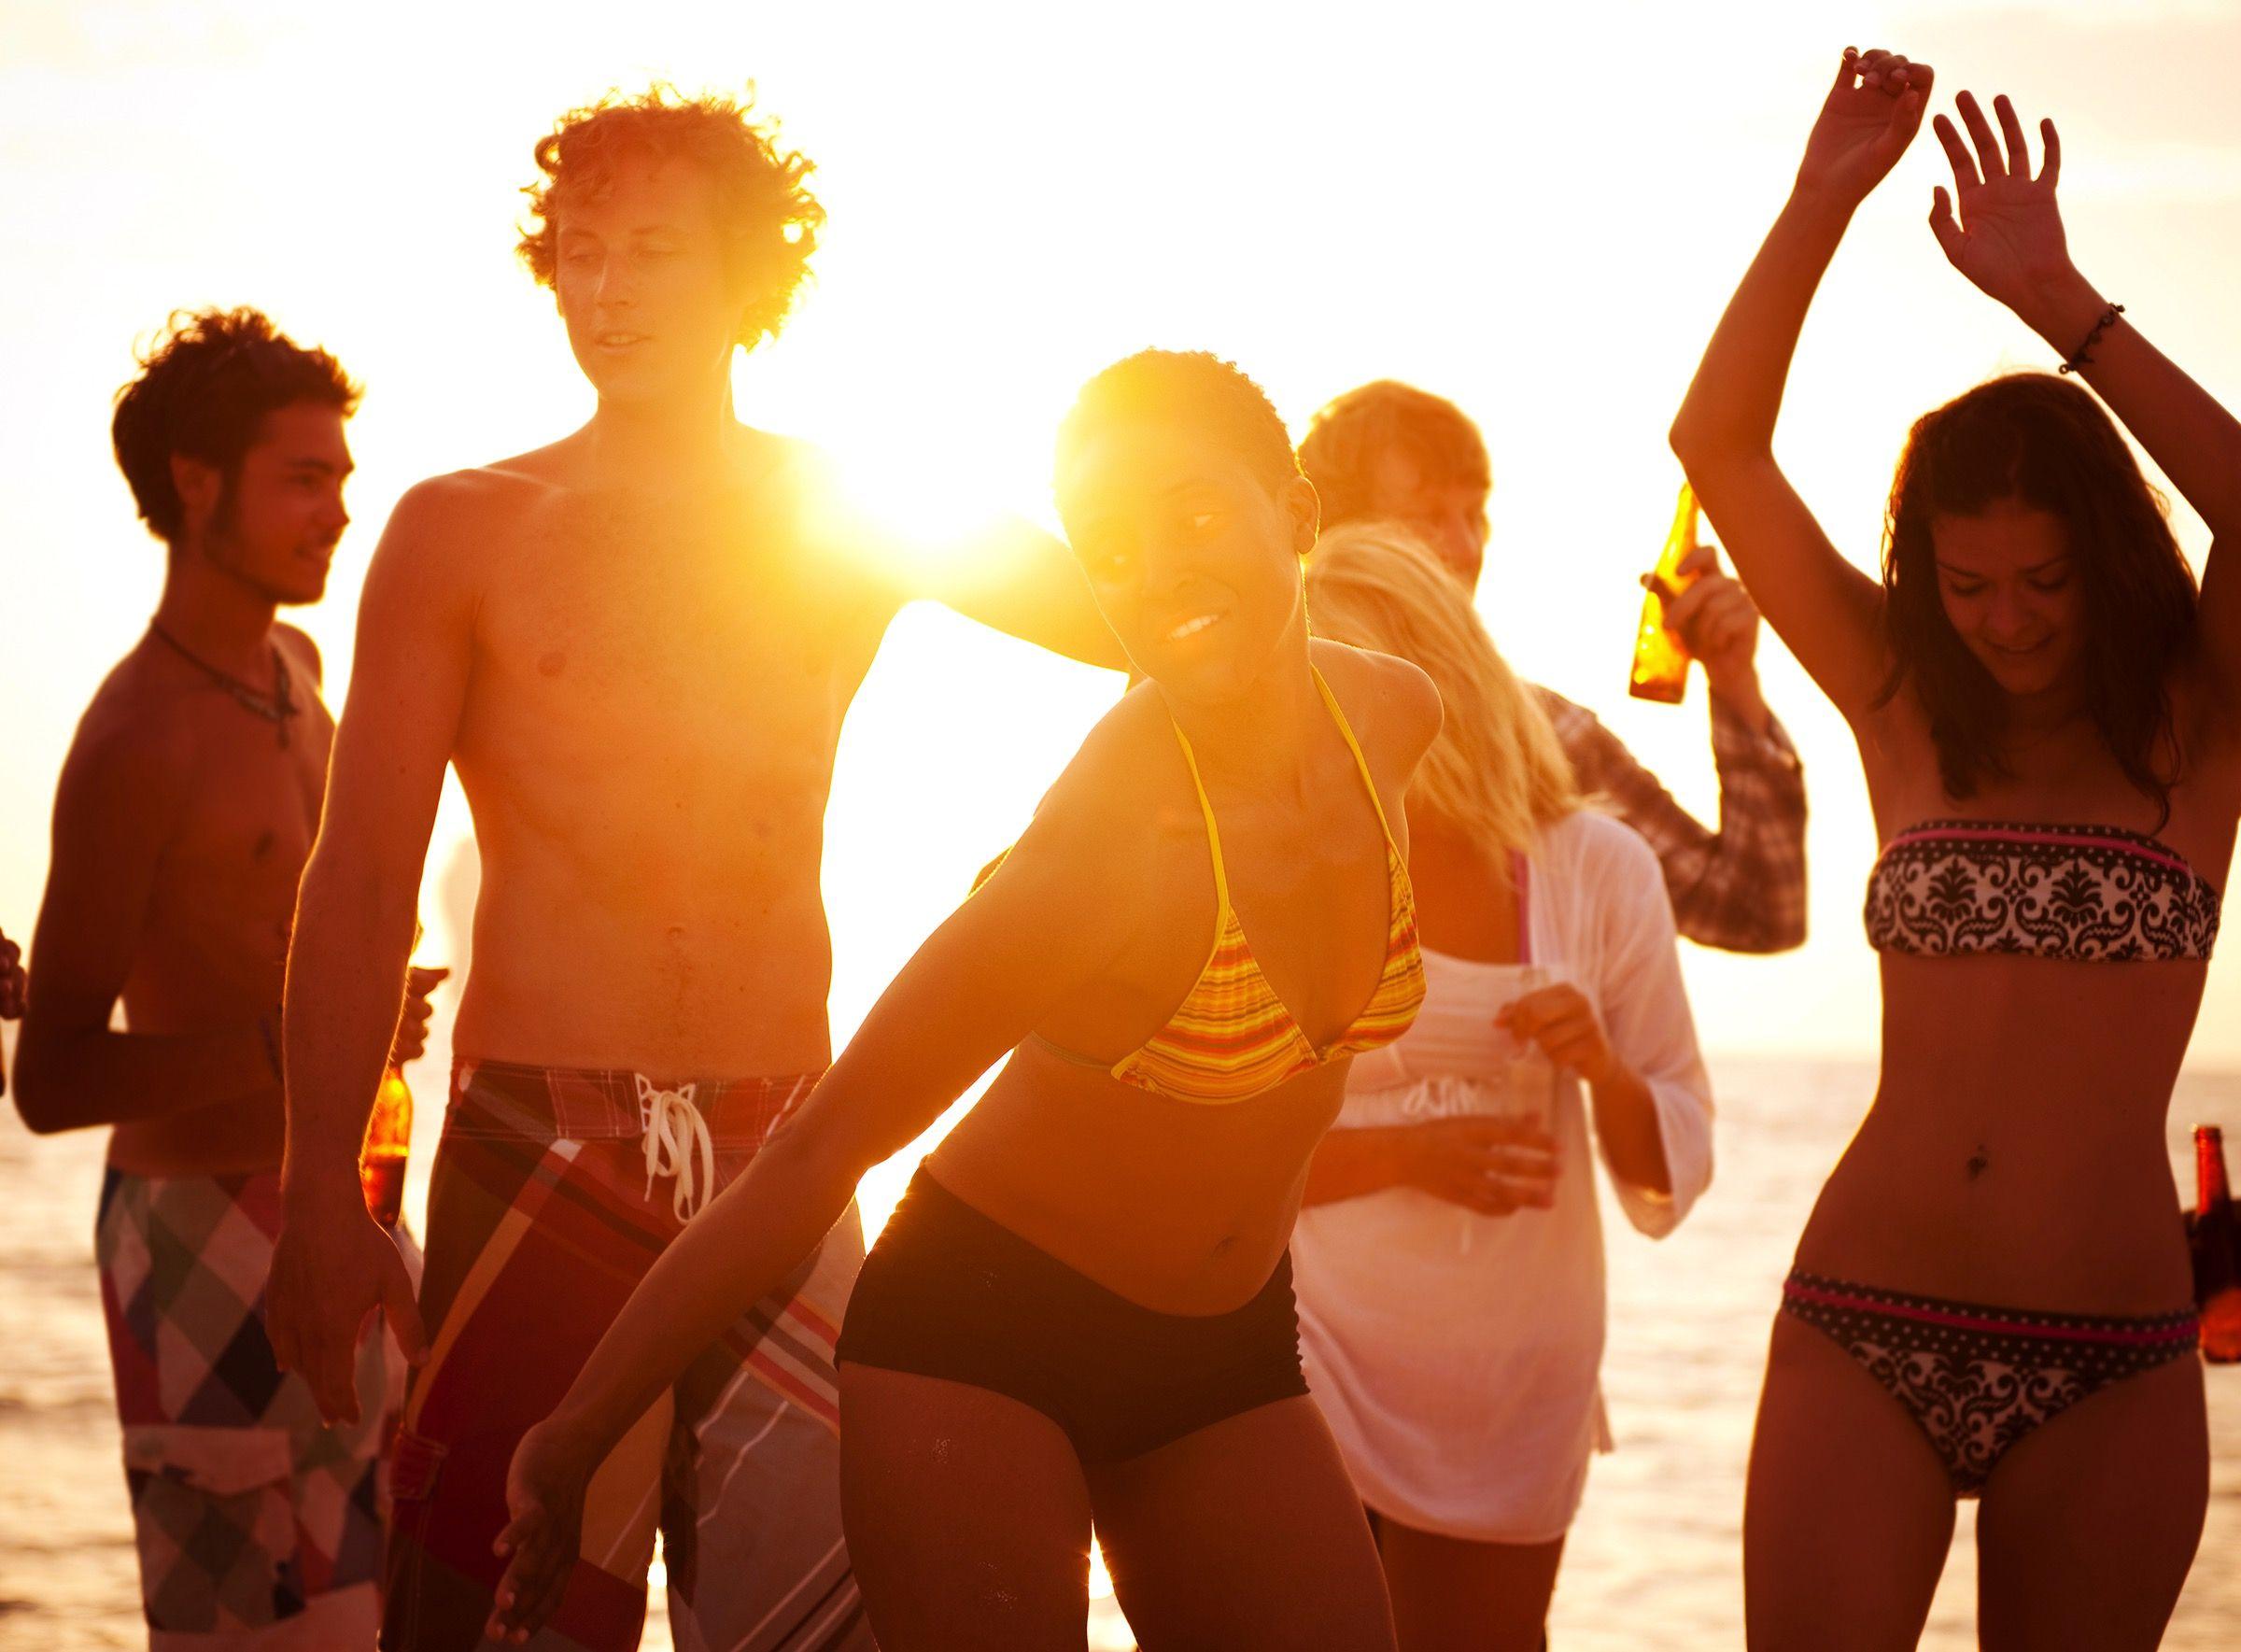 Friends Beach Dance Women Men Bikini Sunset Summer Beach